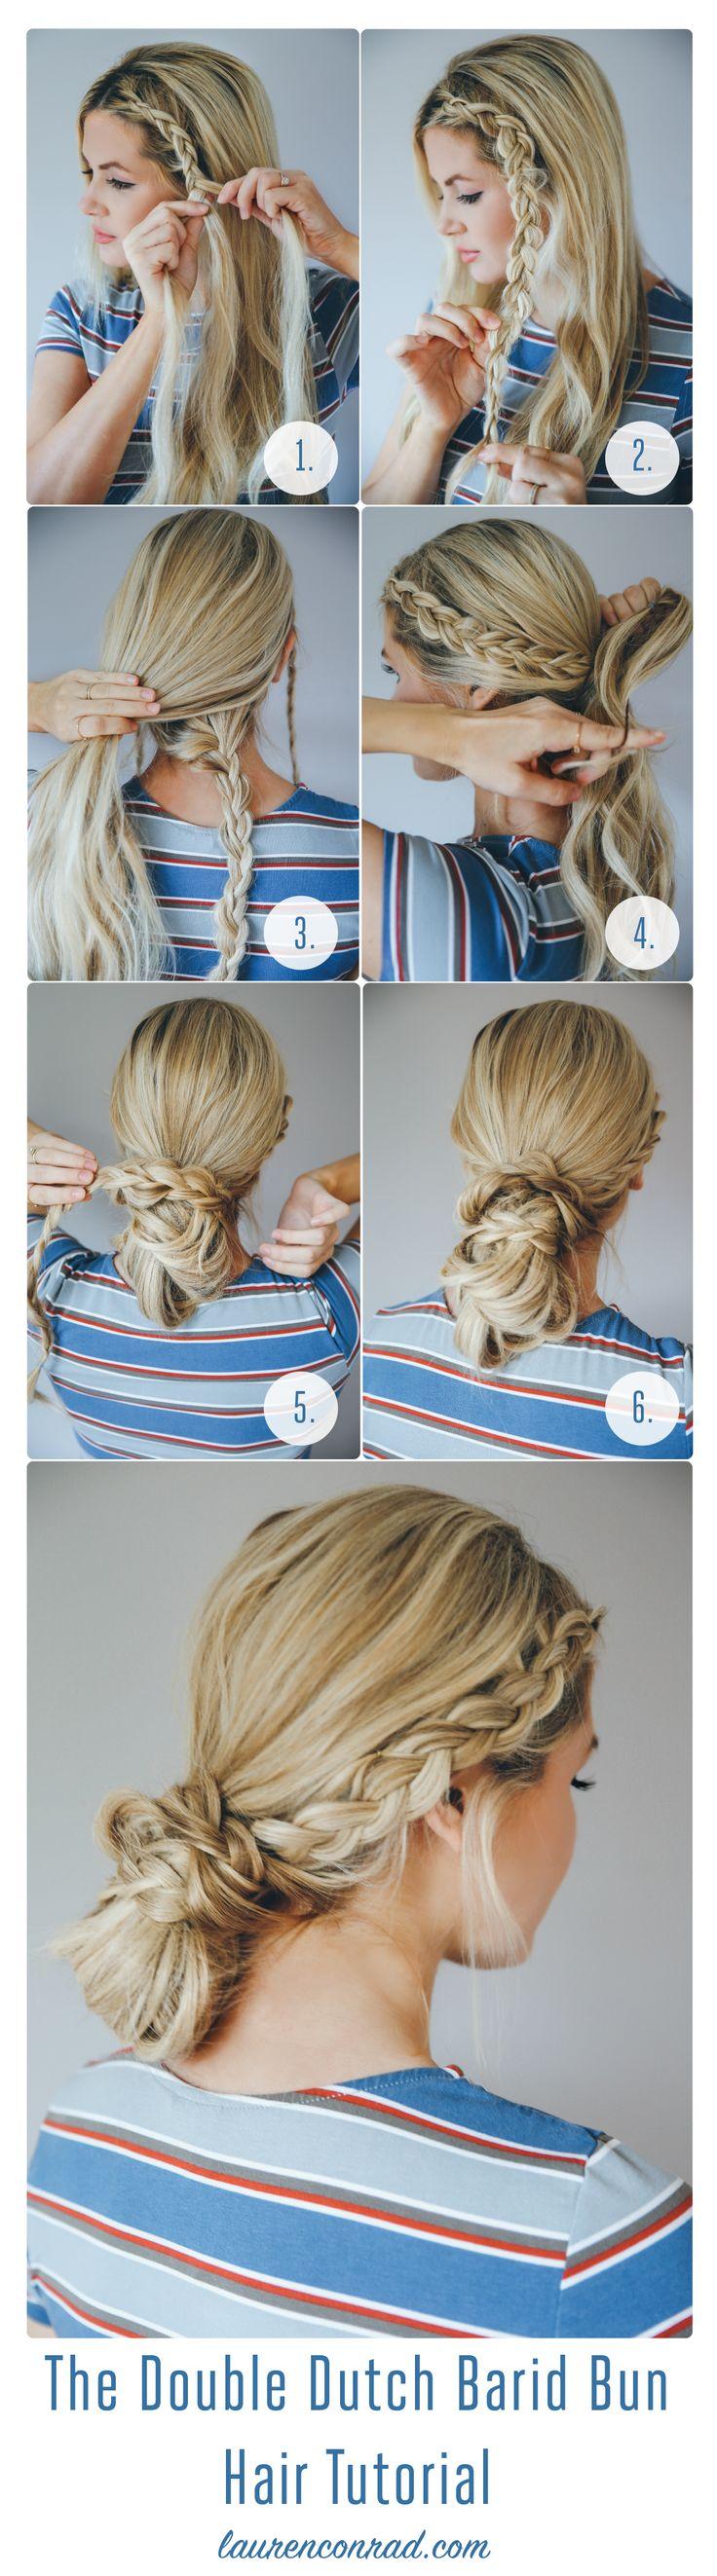 Tutorial: How to Do the Messy Bun Double Dutch Braid | LaurenConrad.com